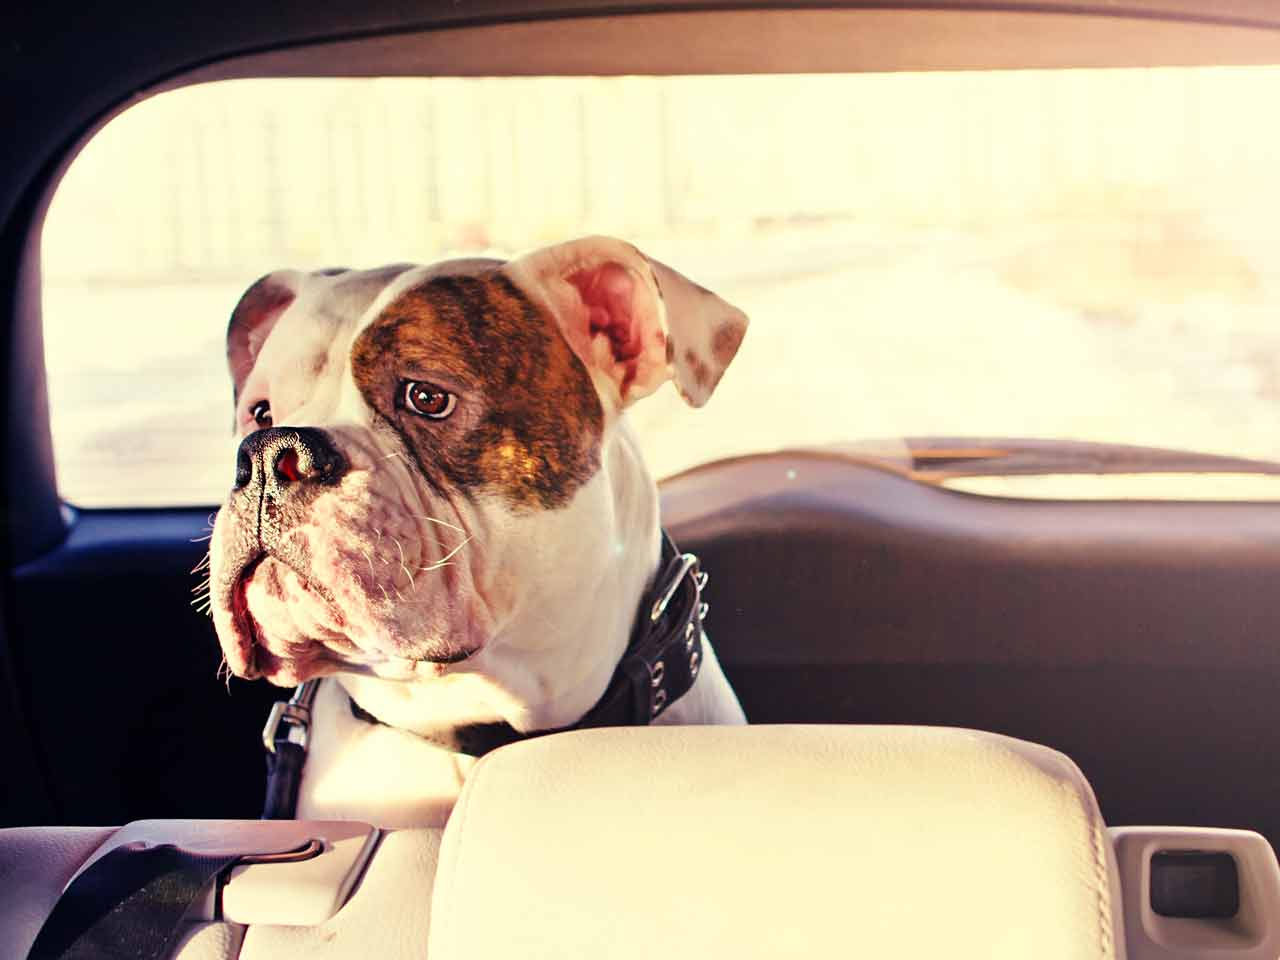 Cane in auto: cosa prevede il codice della strada?